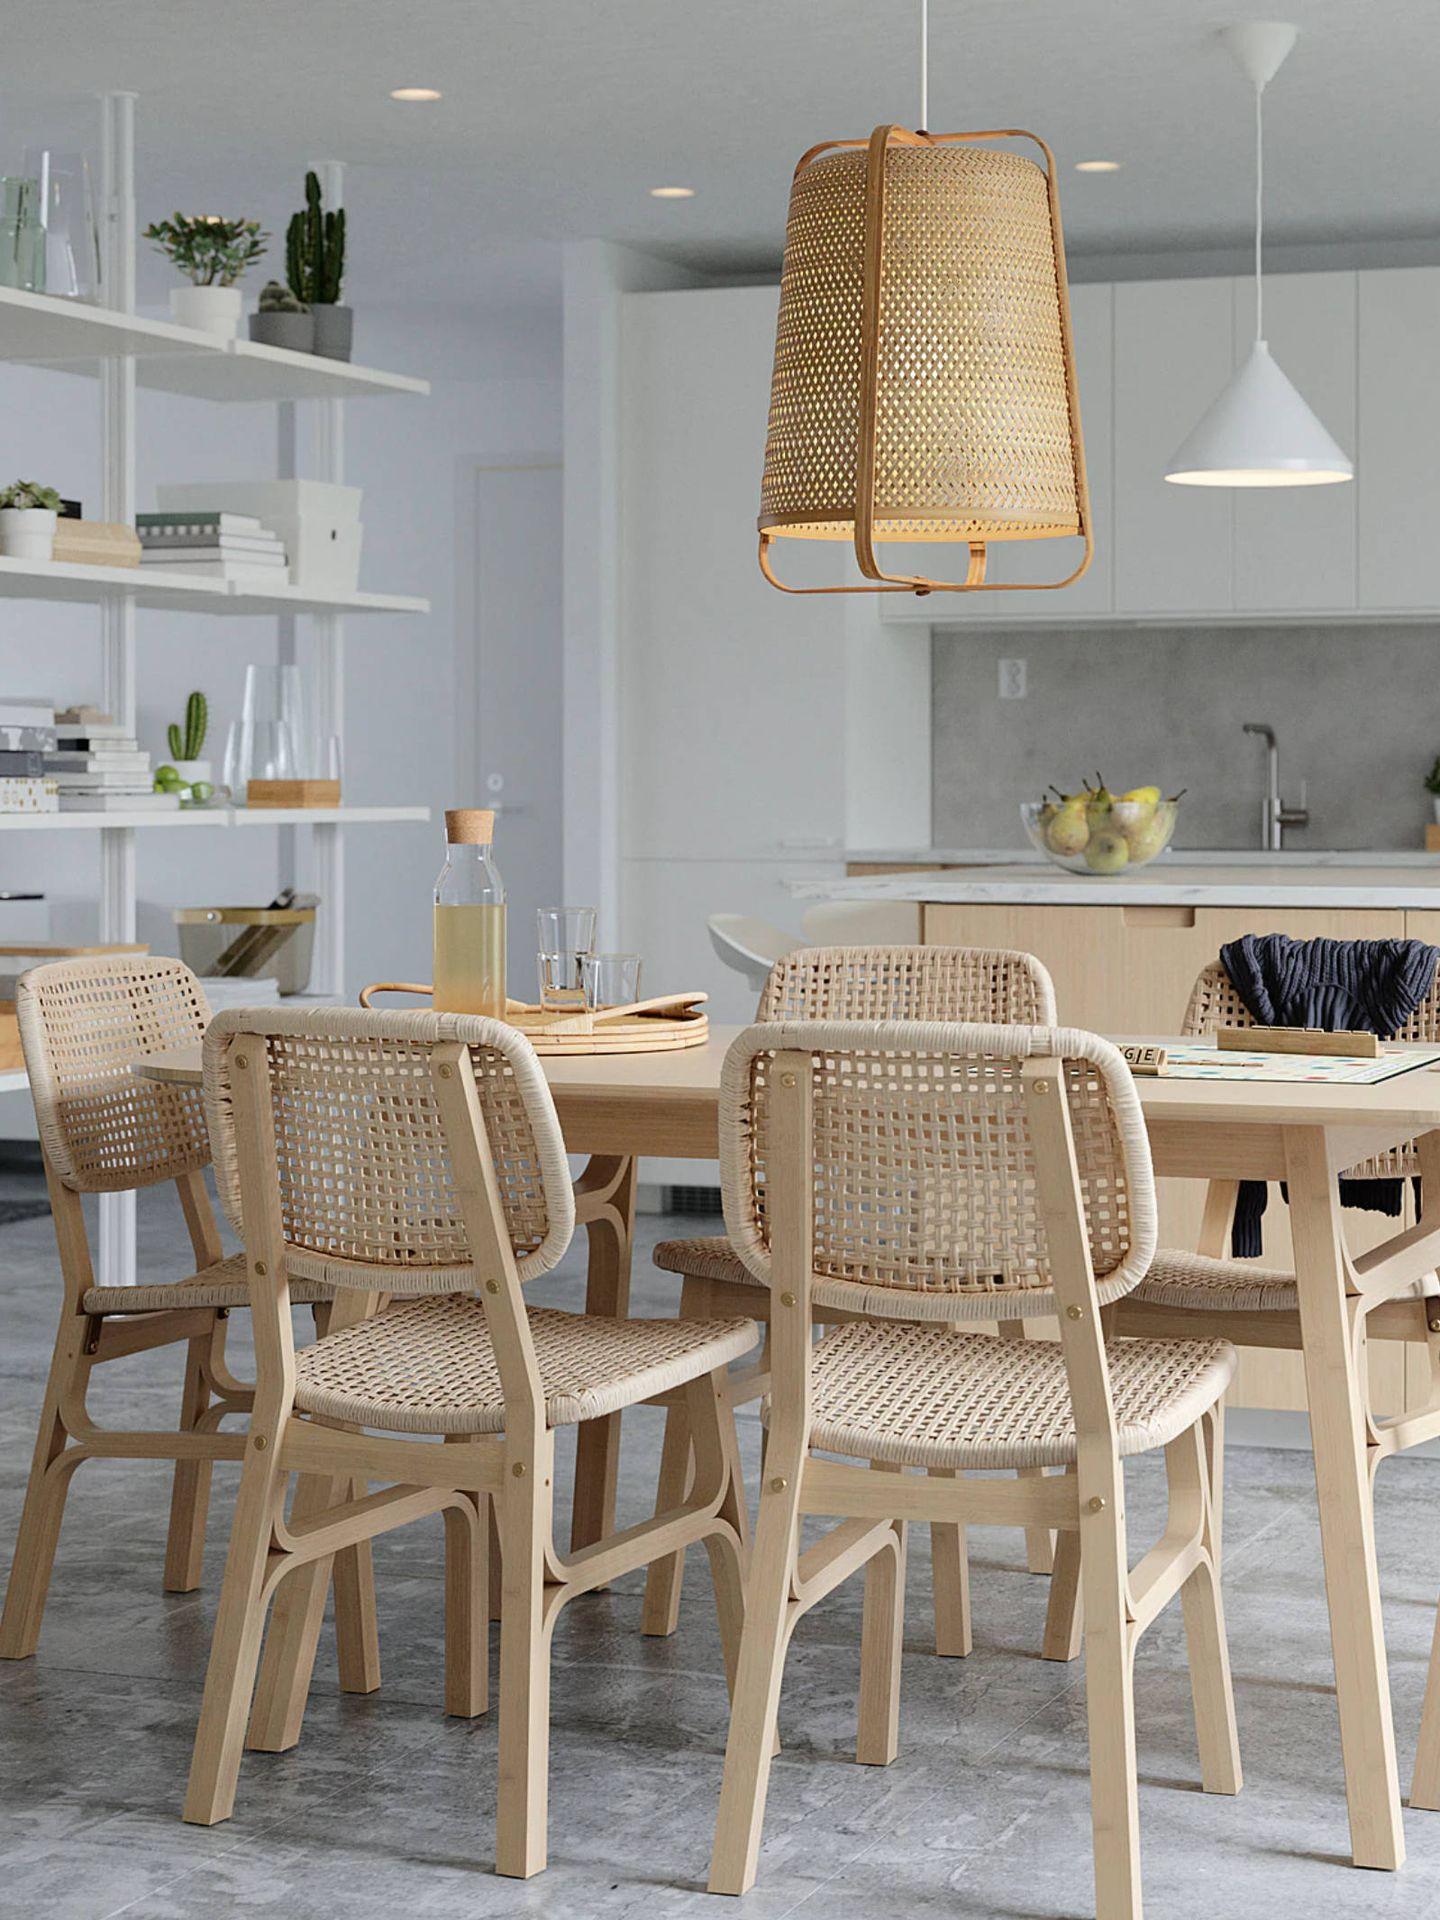 La nueva silla de Ikea para un comedor sostenible. (Cortesía)